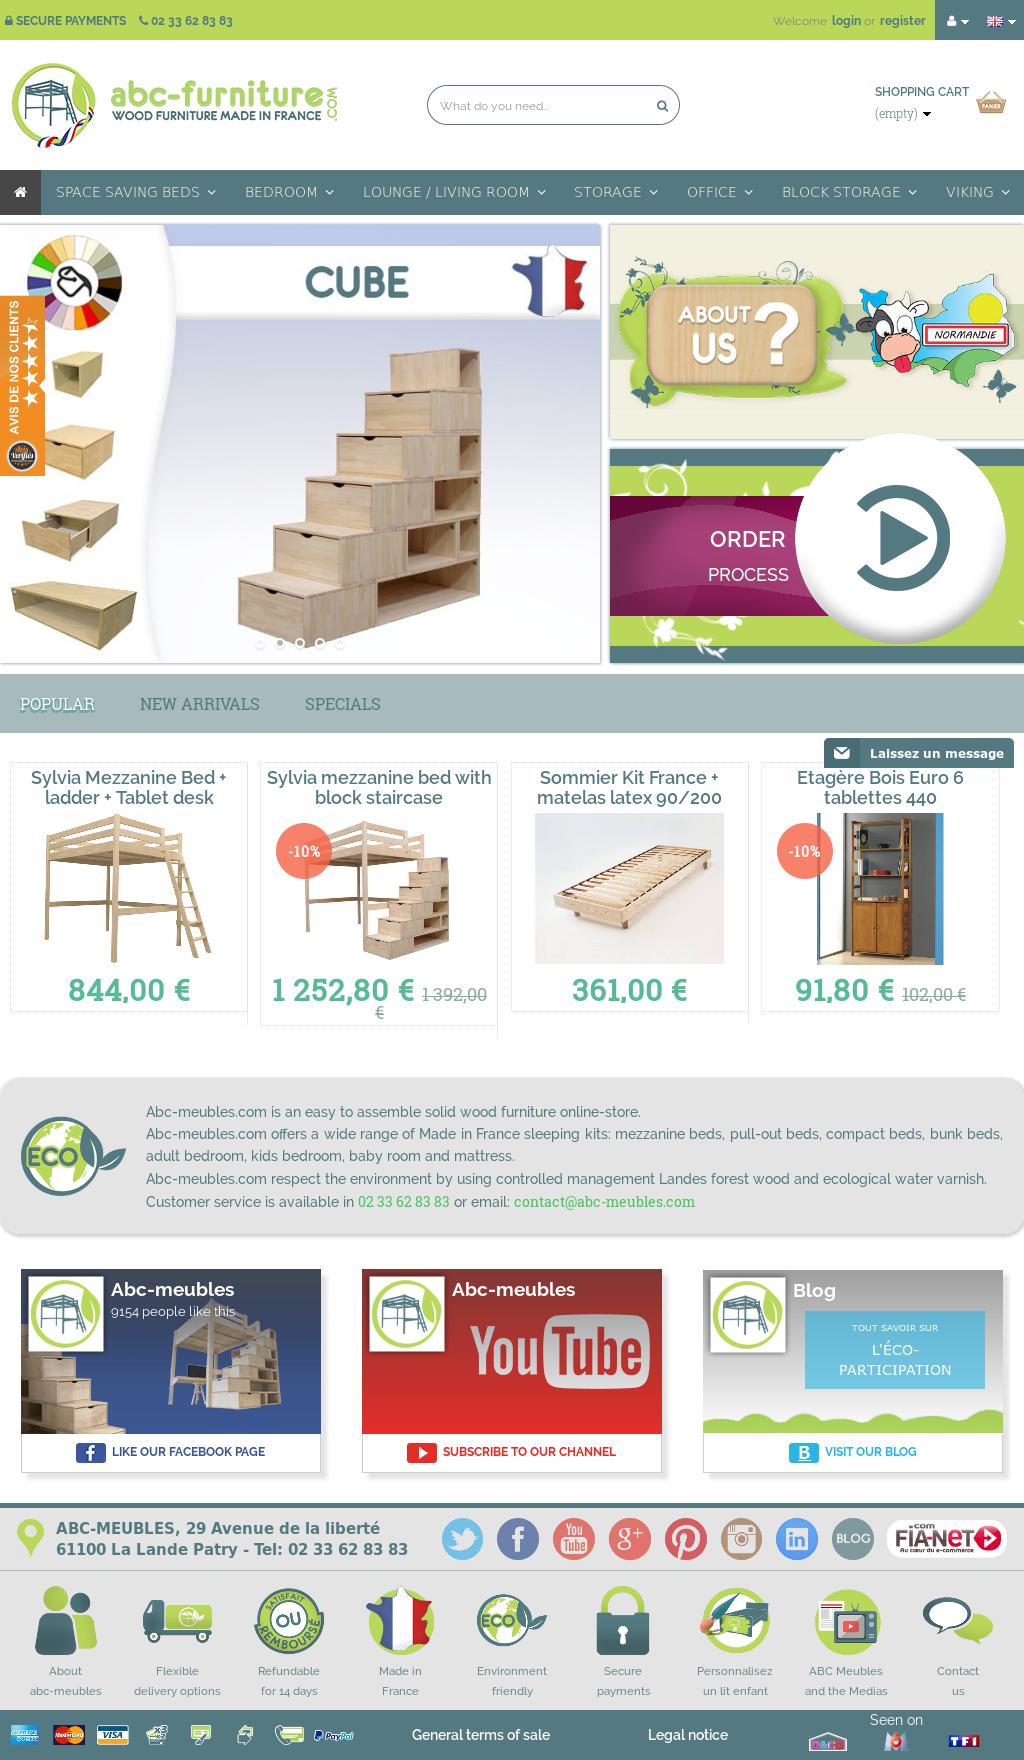 Lit Mezzanine 3 Ans abc meubles competitors, revenue and employees - owler